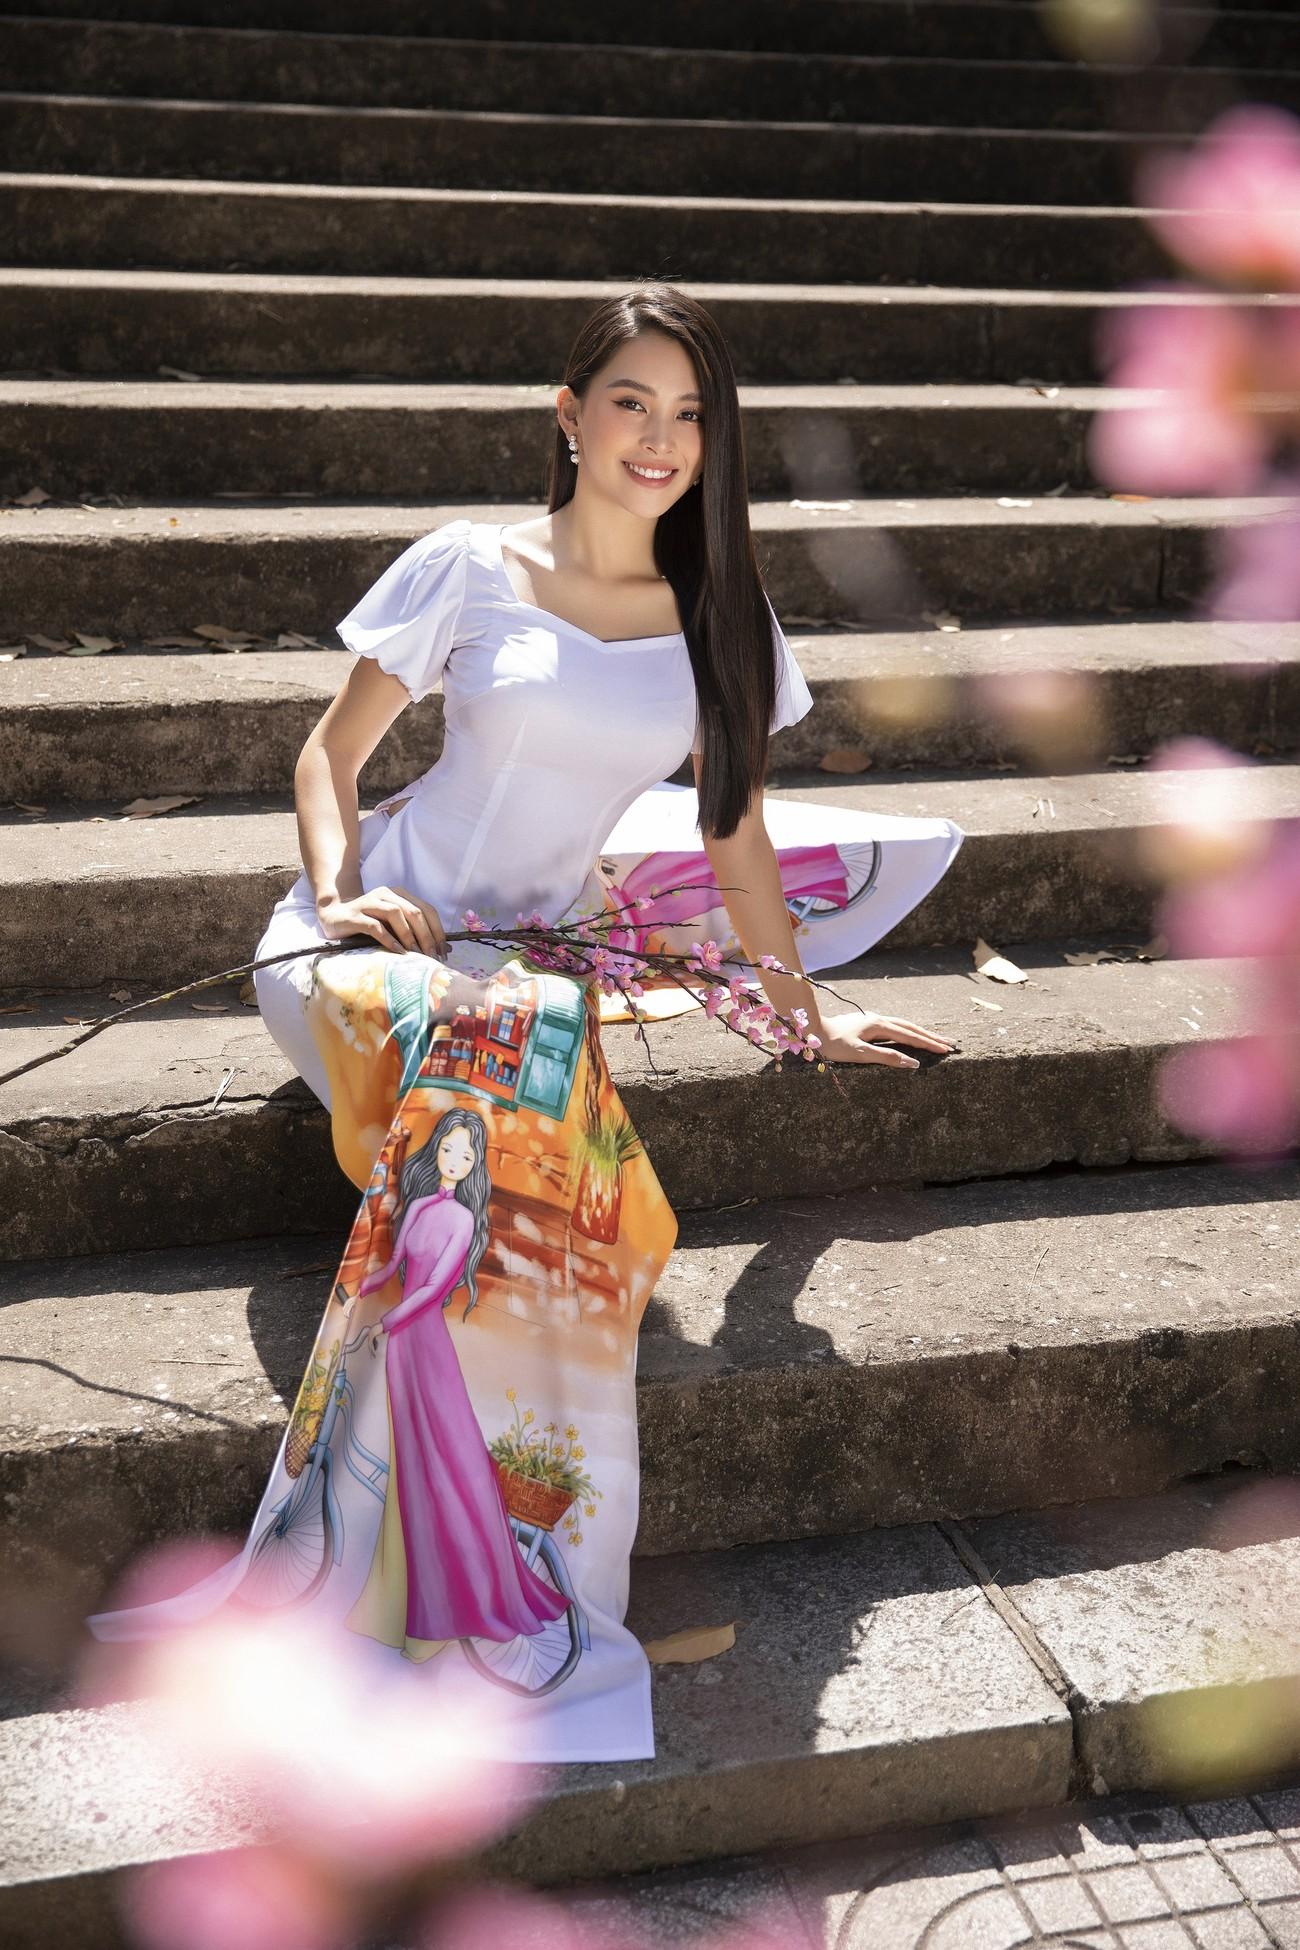 Hoa hậu Tiểu Vy khoe nhan sắc 'cực phẩm', đẹp tựa nàng thơ mùa xuân với áo dài Tết ảnh 4